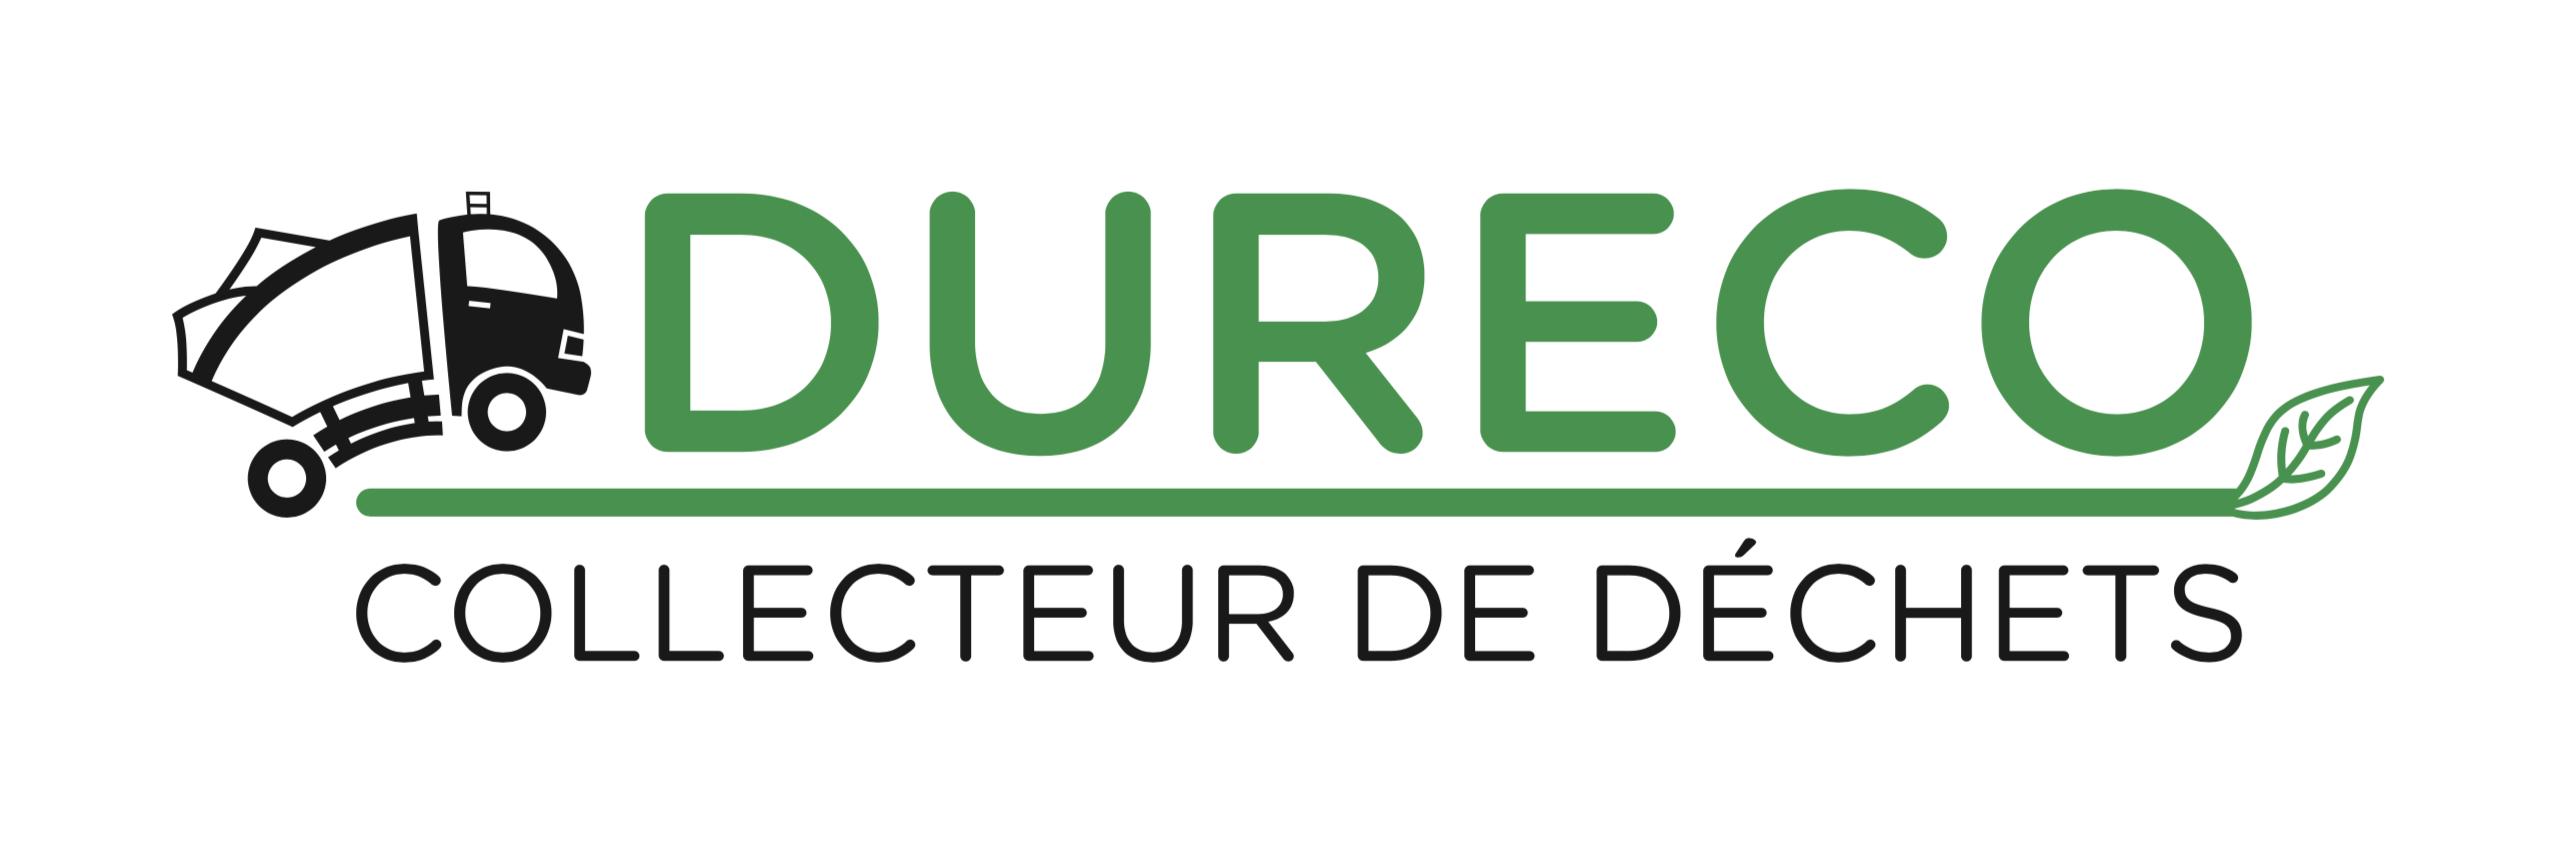 Logo_cedric_Leonet.png